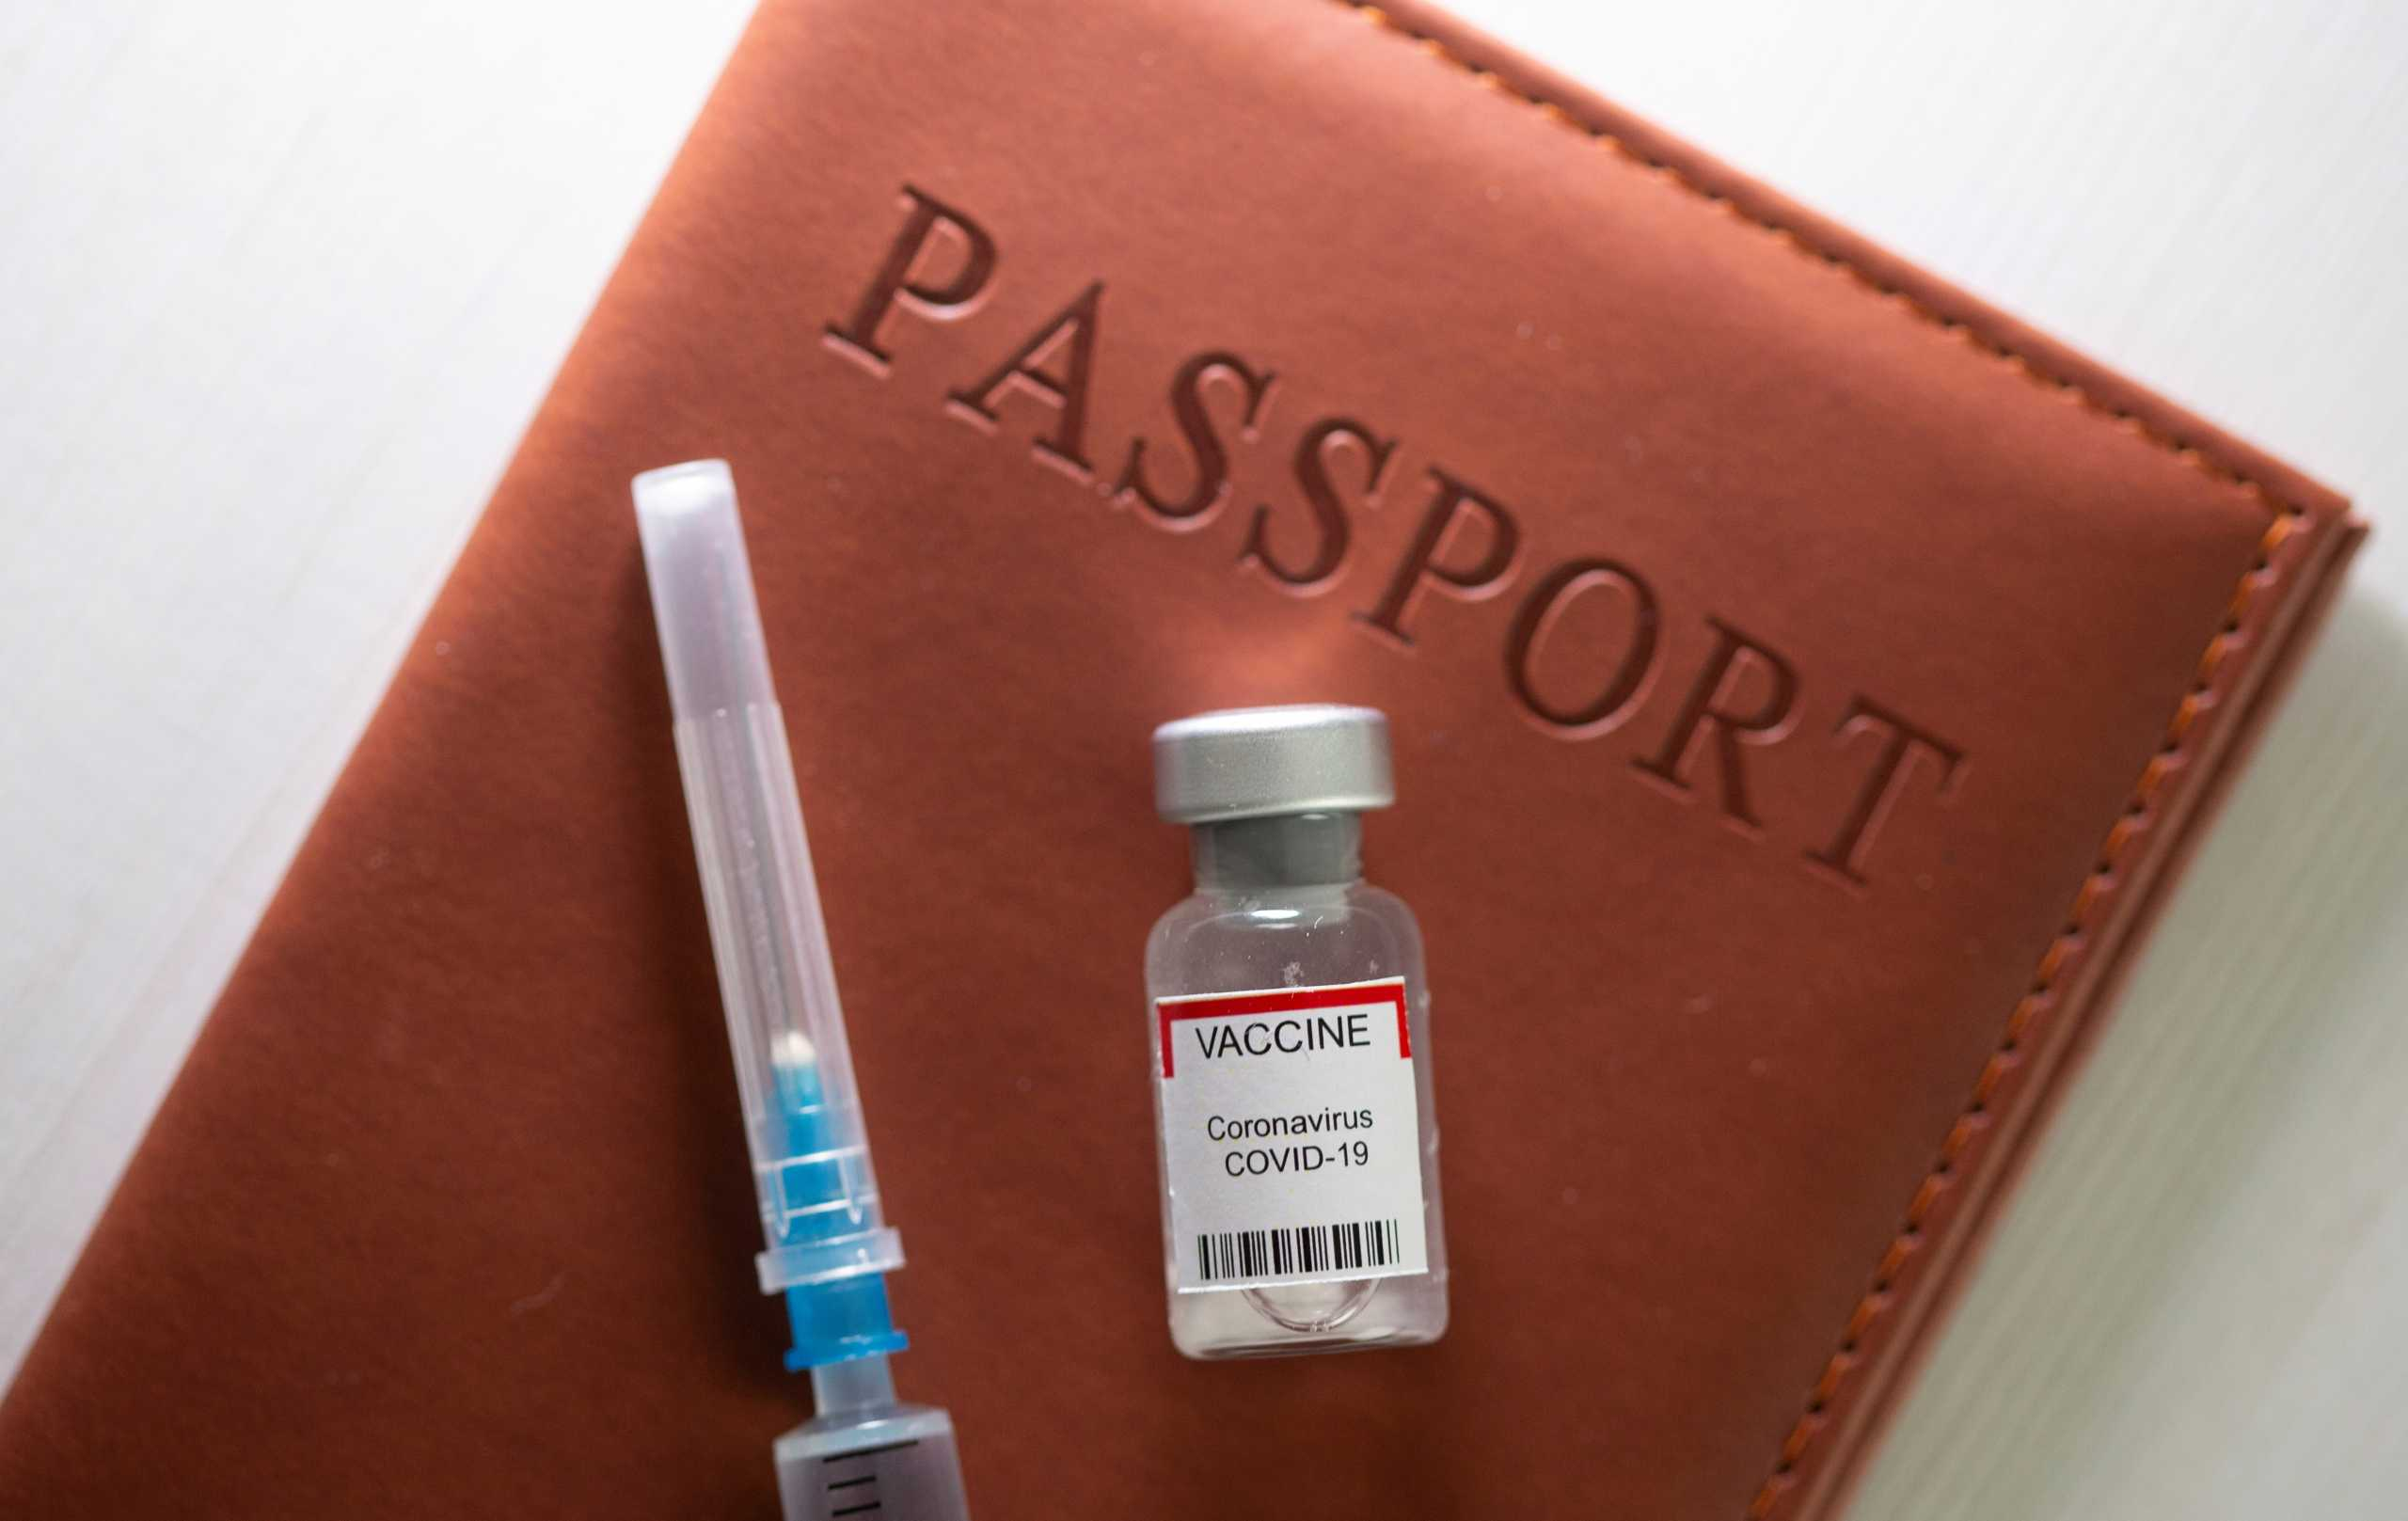 Η Αλαμπάμα απαγόρευσε τα πιστοποιητικά εμβολιασμού κατά του κορονοϊού